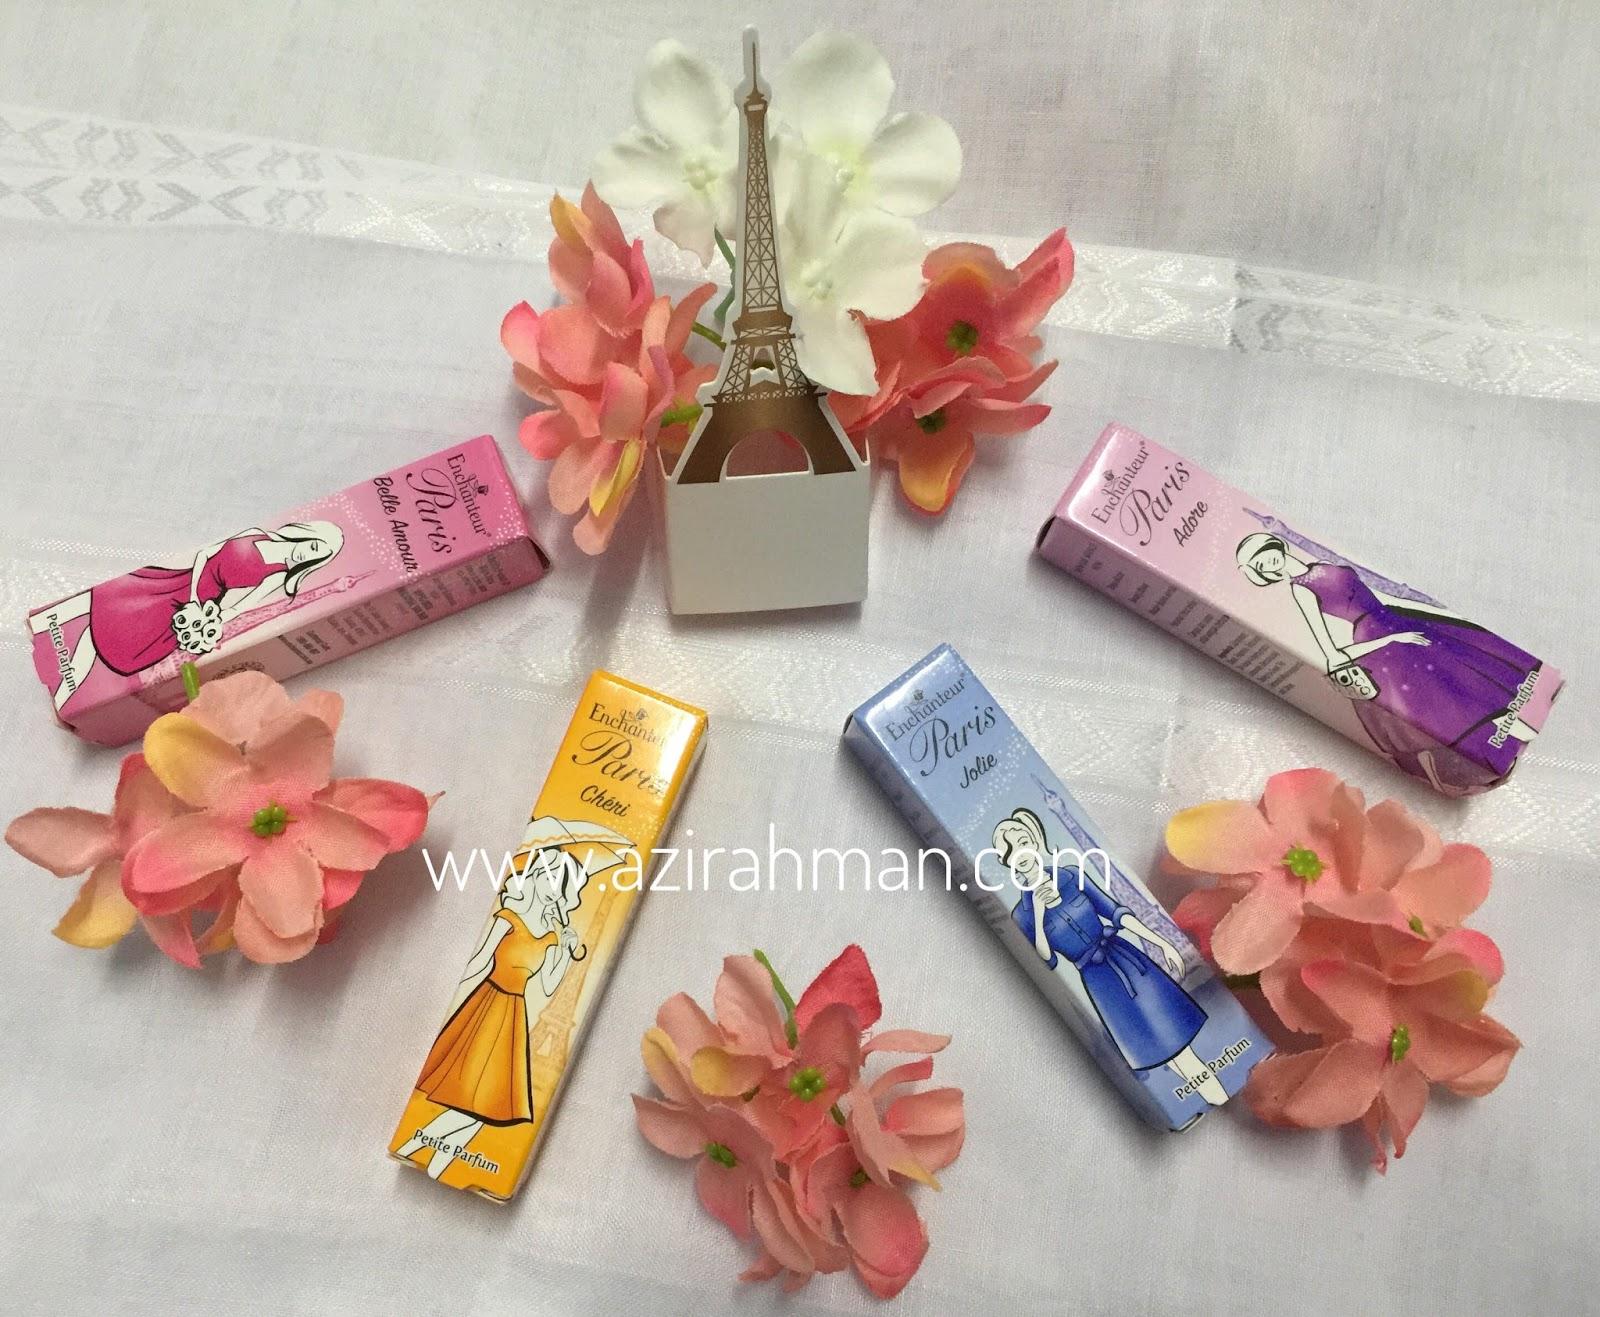 Enchanteur Paris, Enchanteur Paris Petite Parfum, produk wangian, khas untuk wanita, produk istimewa